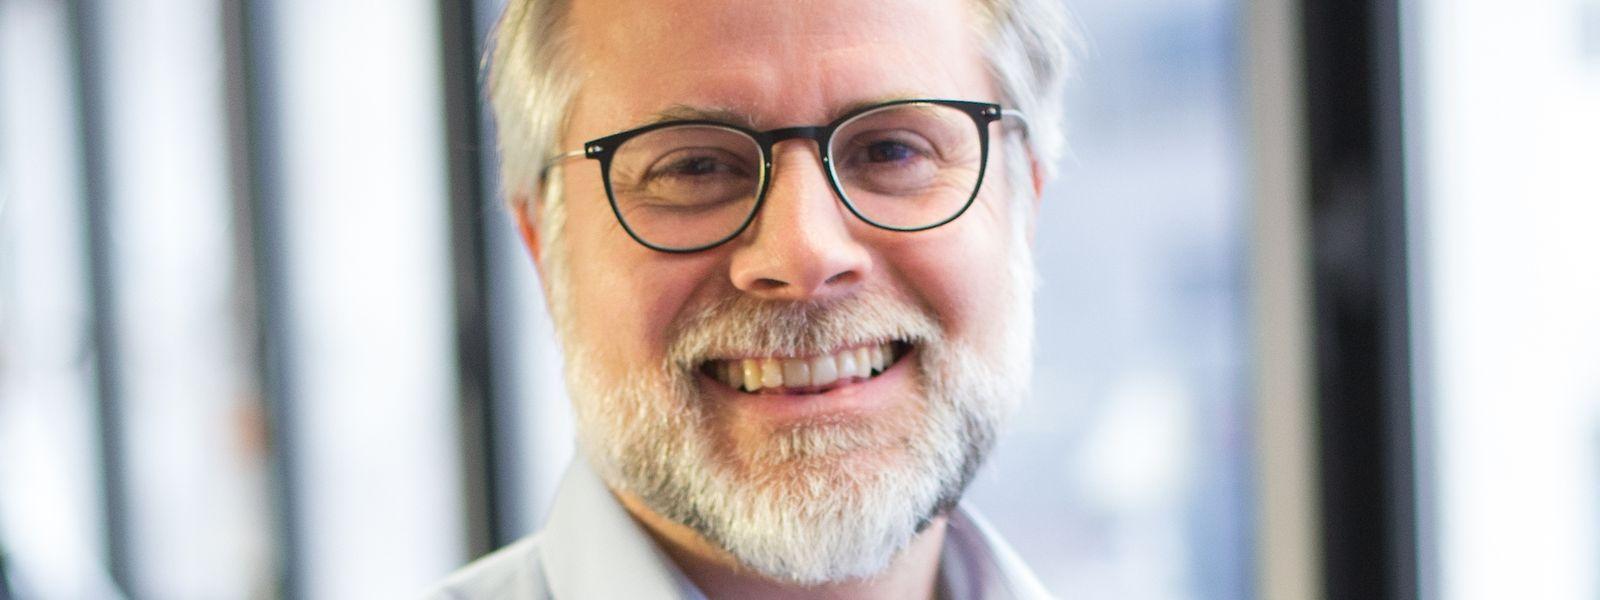 """Digitalchef Christophe Langenbrink: """"Morgens stärker auf Nachrichten ausgerichtet, ab der Mittagszeit bis spät in den Abend mehr Hintergrundgeschichten."""""""